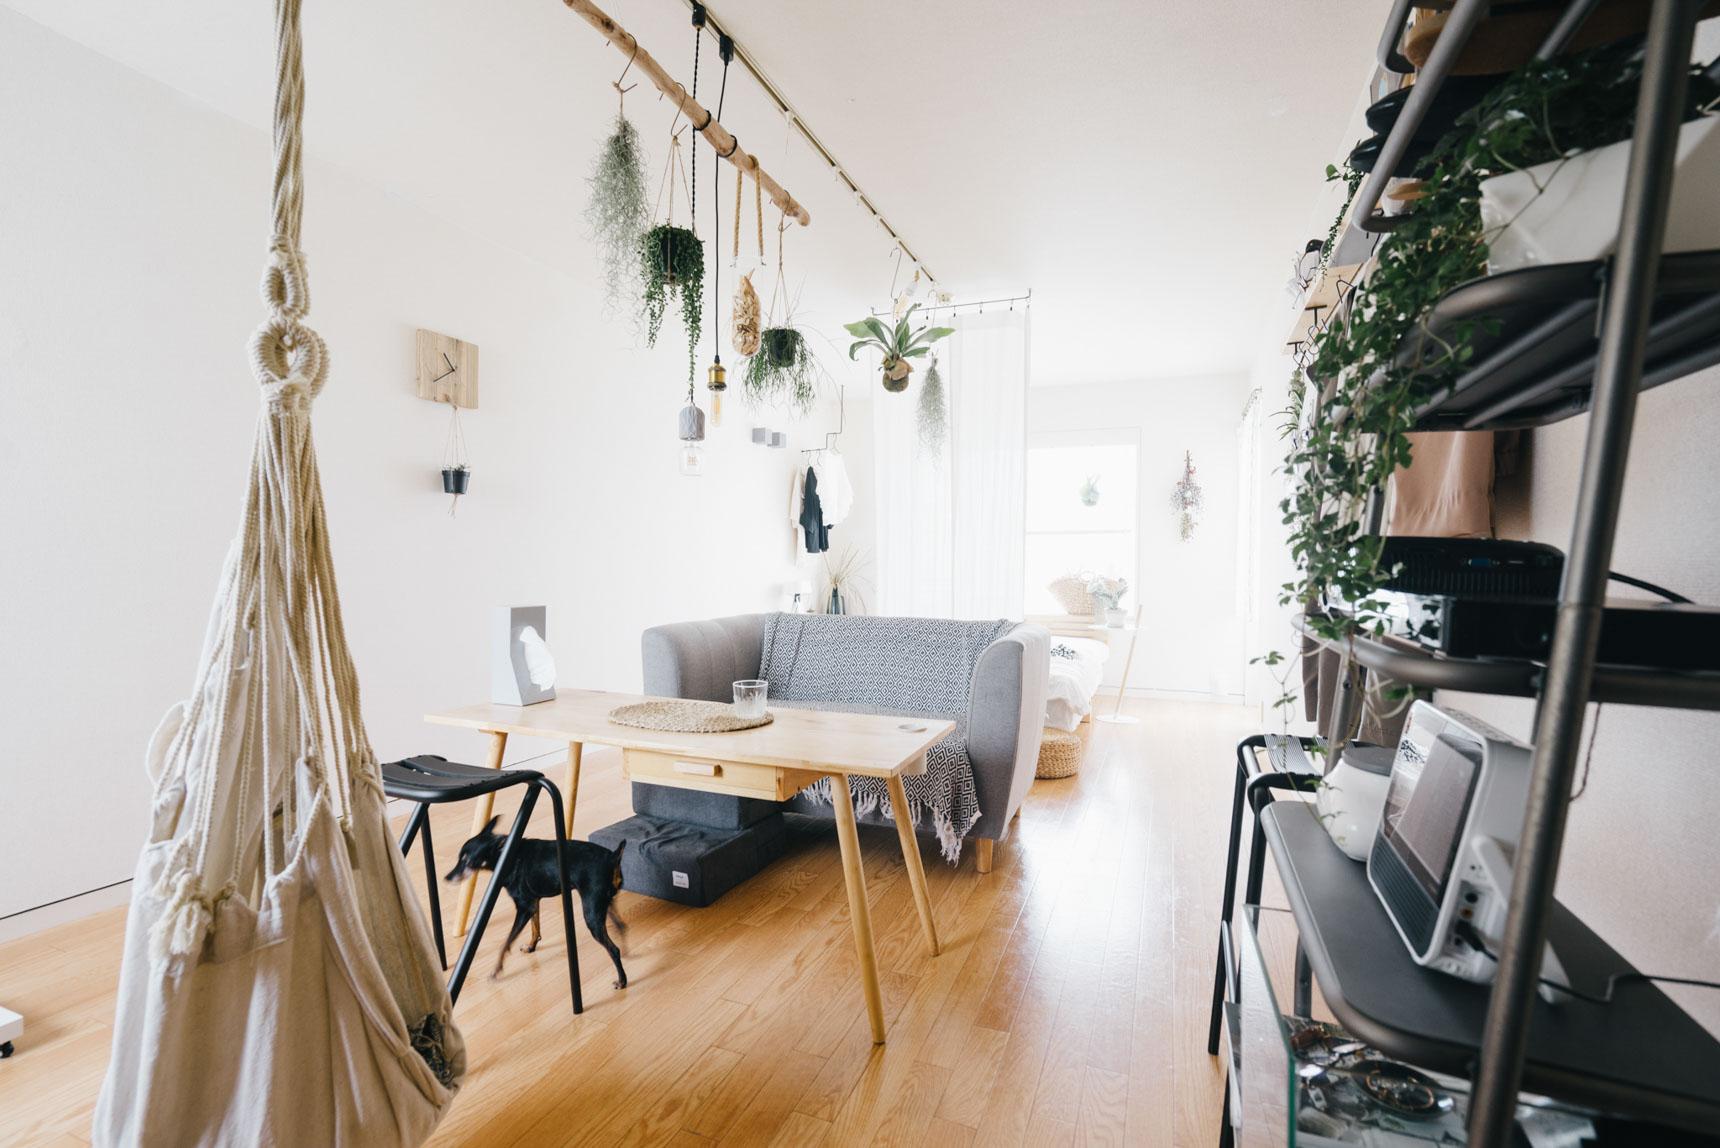 ベッド側と空間を区切るために、ベッドに対して背を向けてソファを配置。さらに天井からカーテンを吊り下げて、プライベート空間と仕切ります。